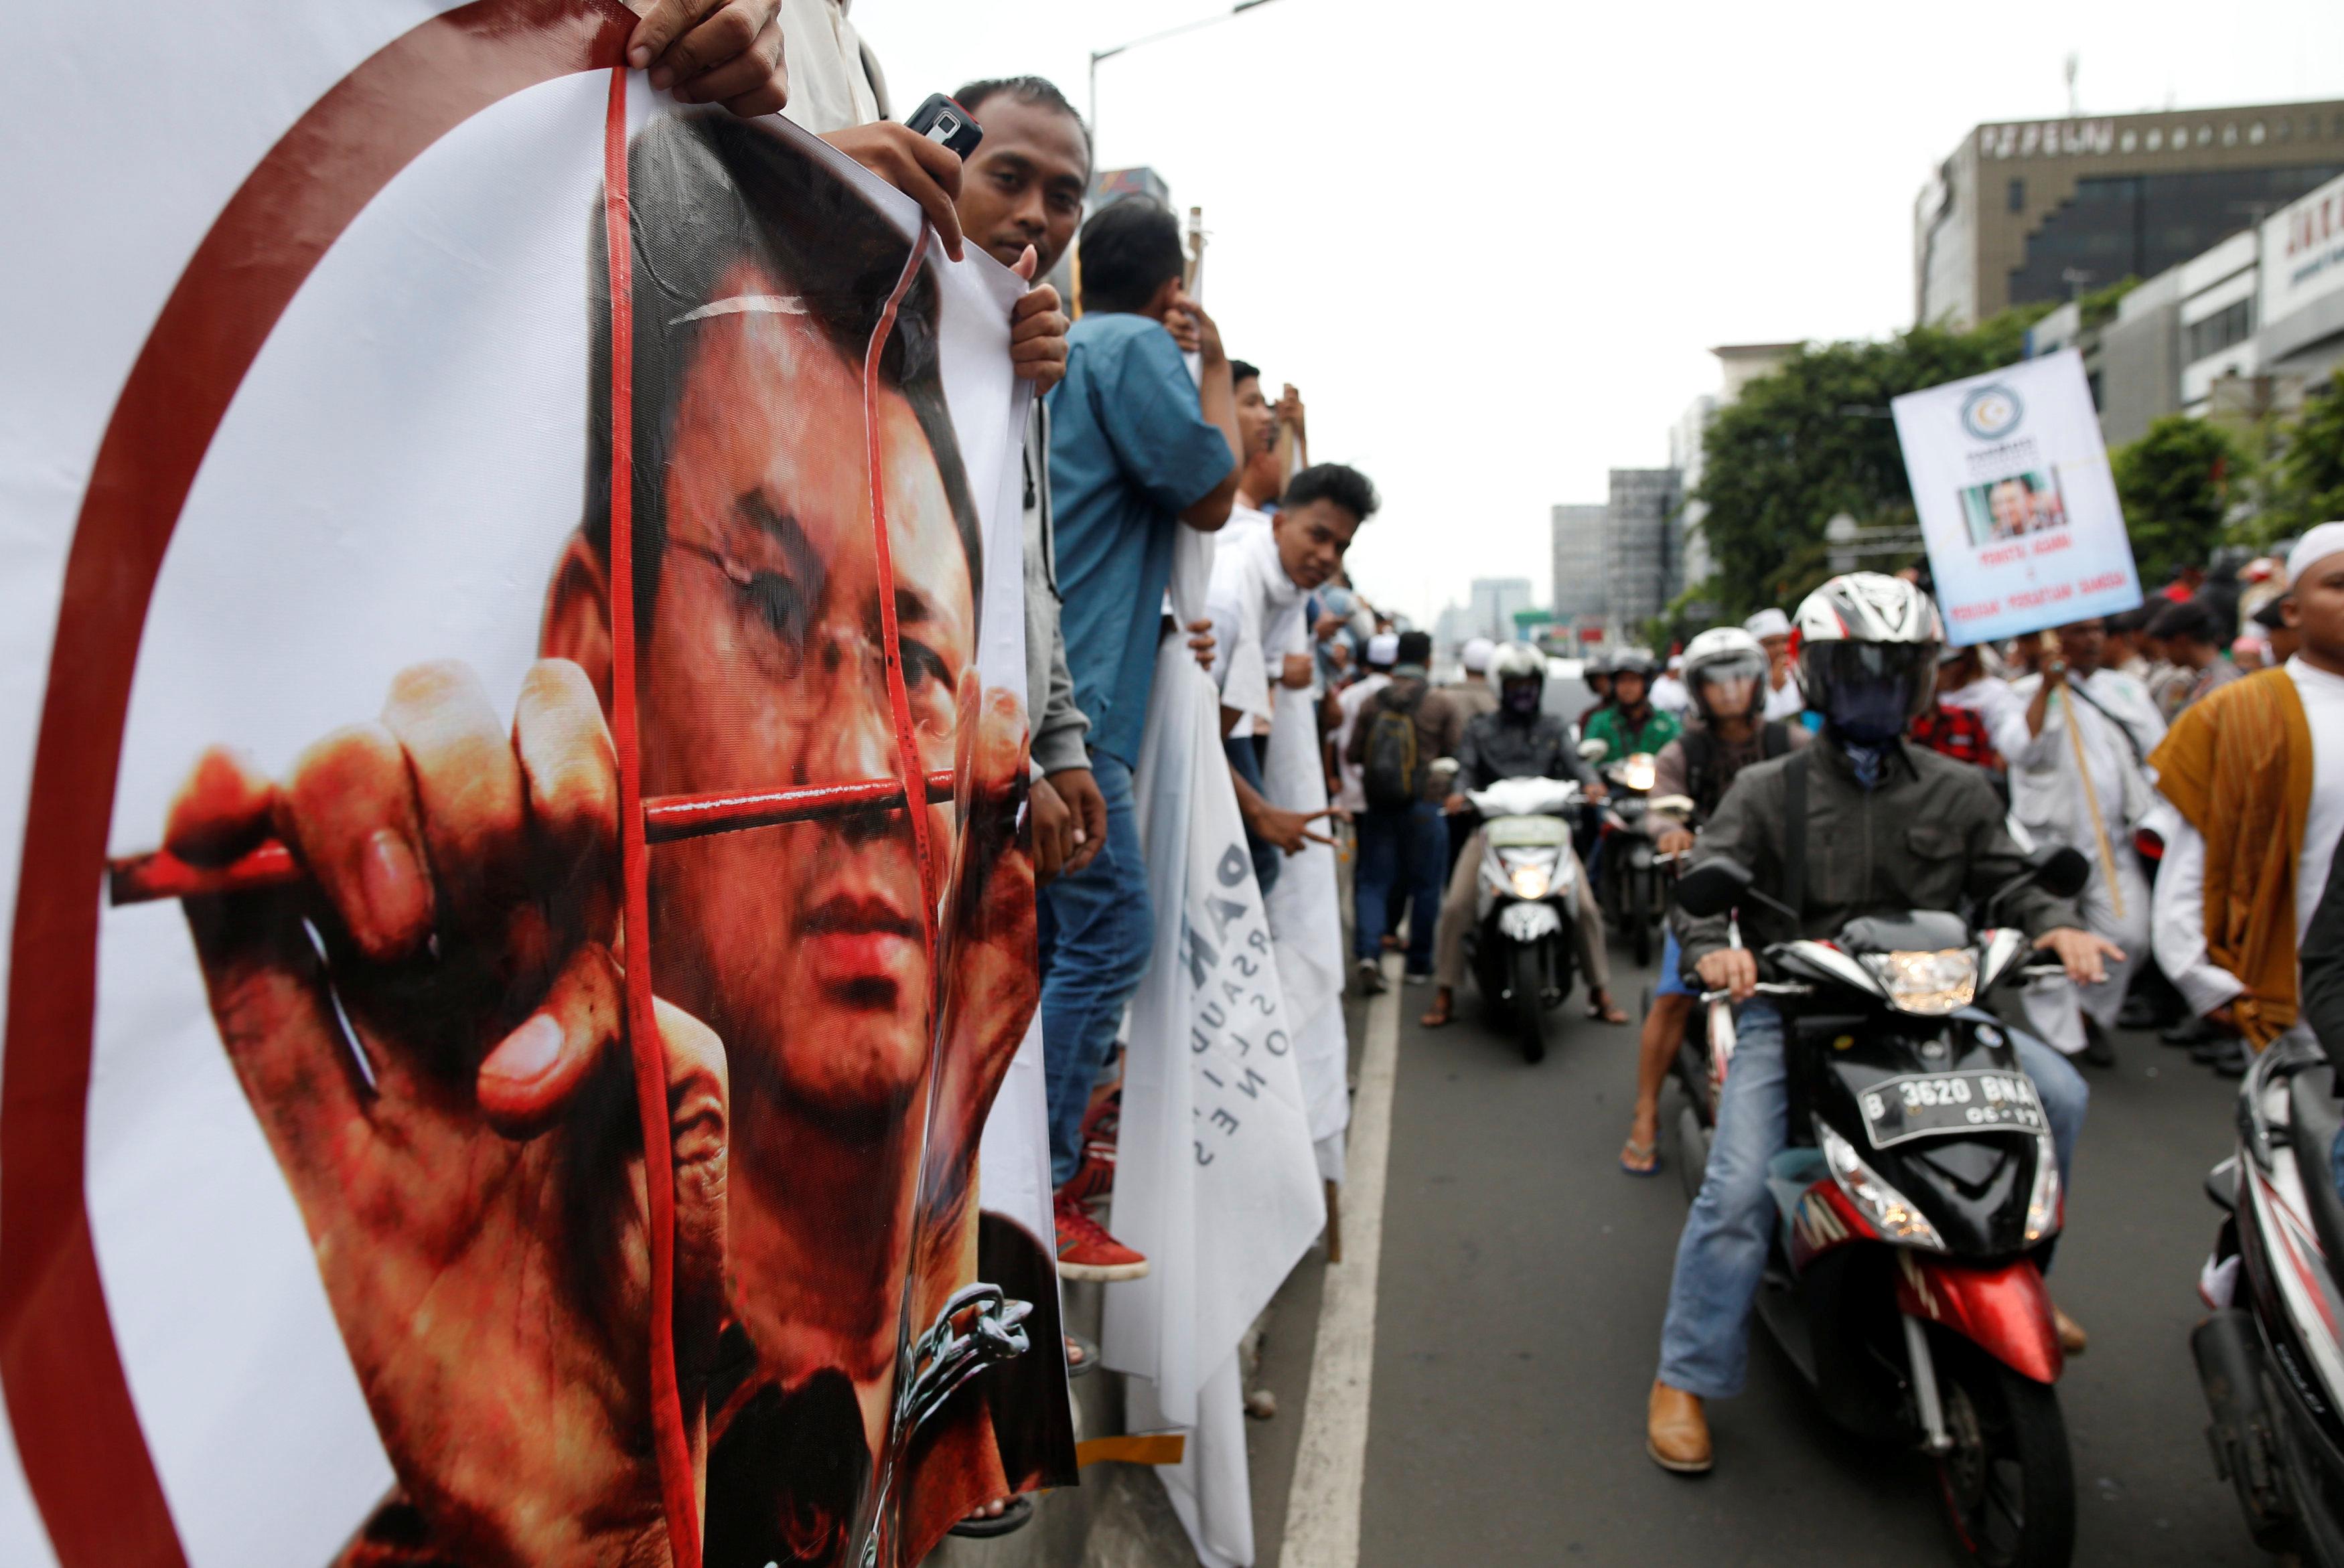 احتجاجات عارمة  فى اندونيسيا ضد حاكم جاكرتا